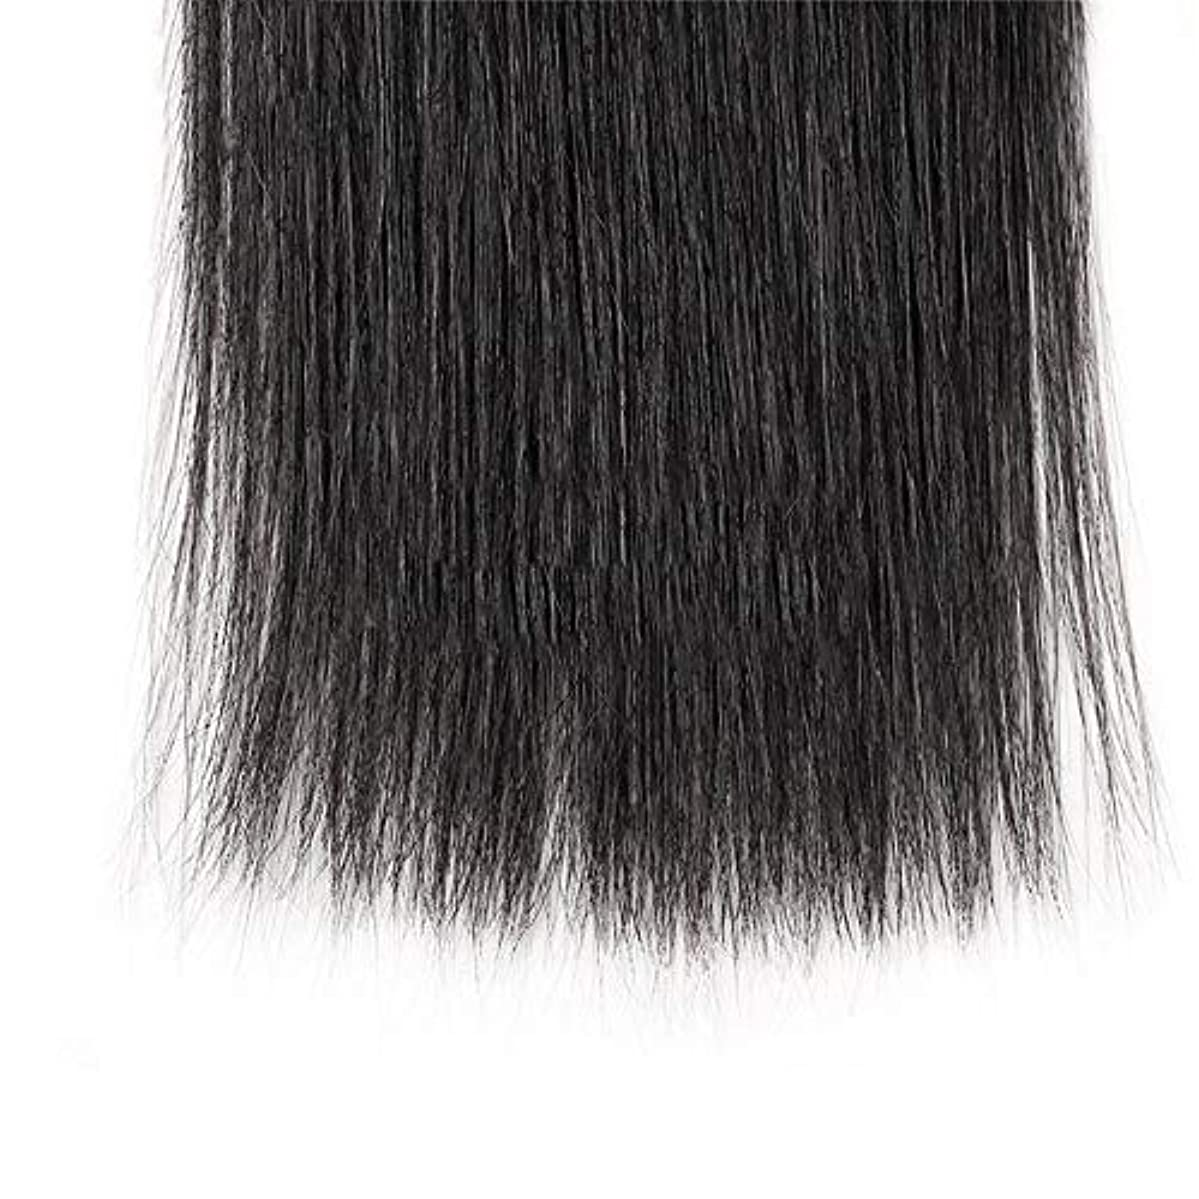 ピラミッド歴史的殉教者WASAIO スタイルの交換のためのサプリメントブラジルの曲げられていない人間の髪の束8Aシルキー織りエクステンションナチュラルブラック(8